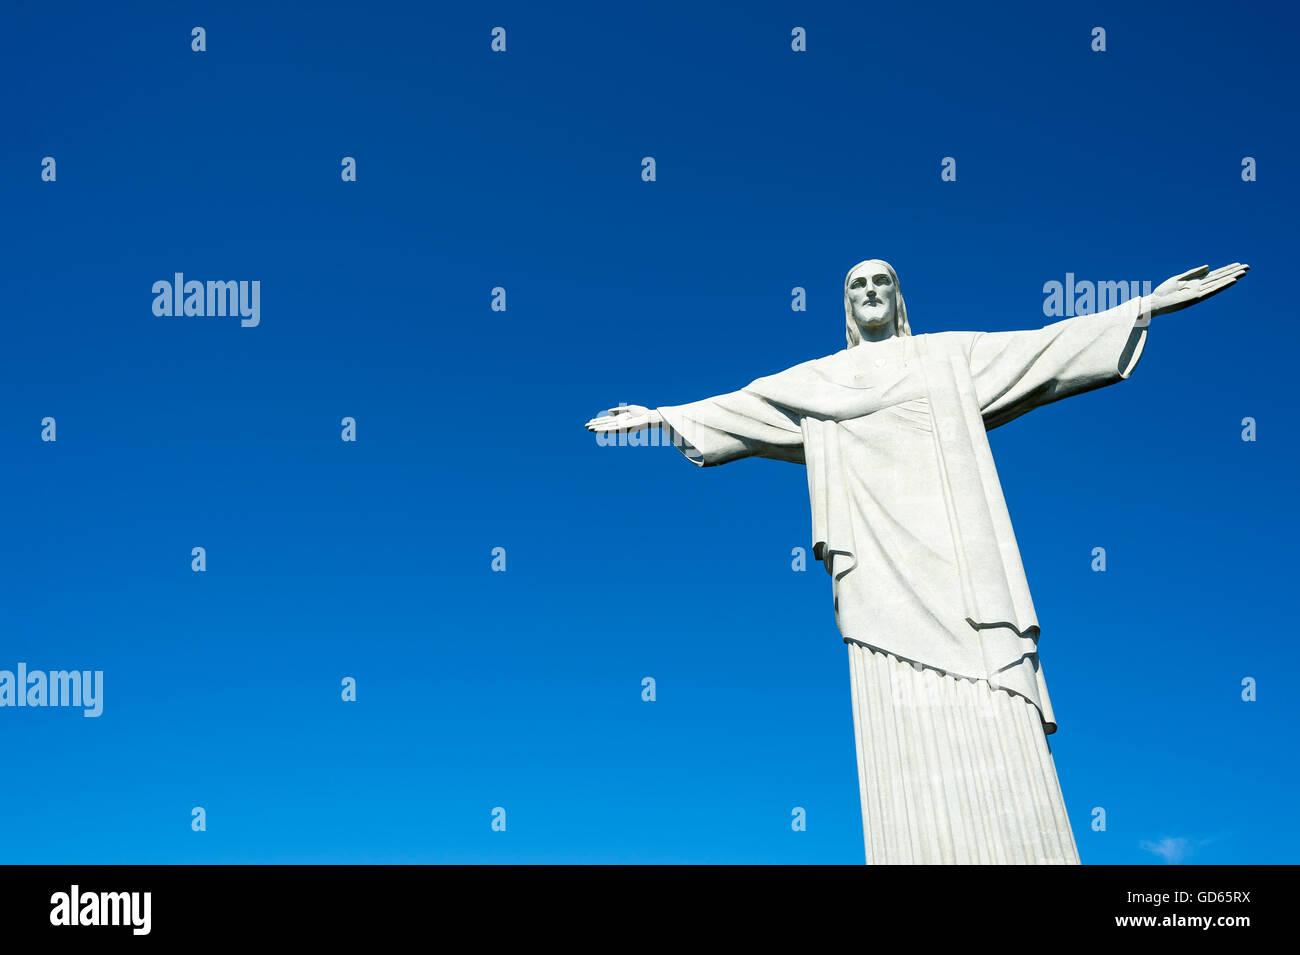 RIO DE JANEIRO - Marzo 05, 2016: la estatua del Cristo Redentor se encuentra en el azul claro del cielo en un brillante Imagen De Stock